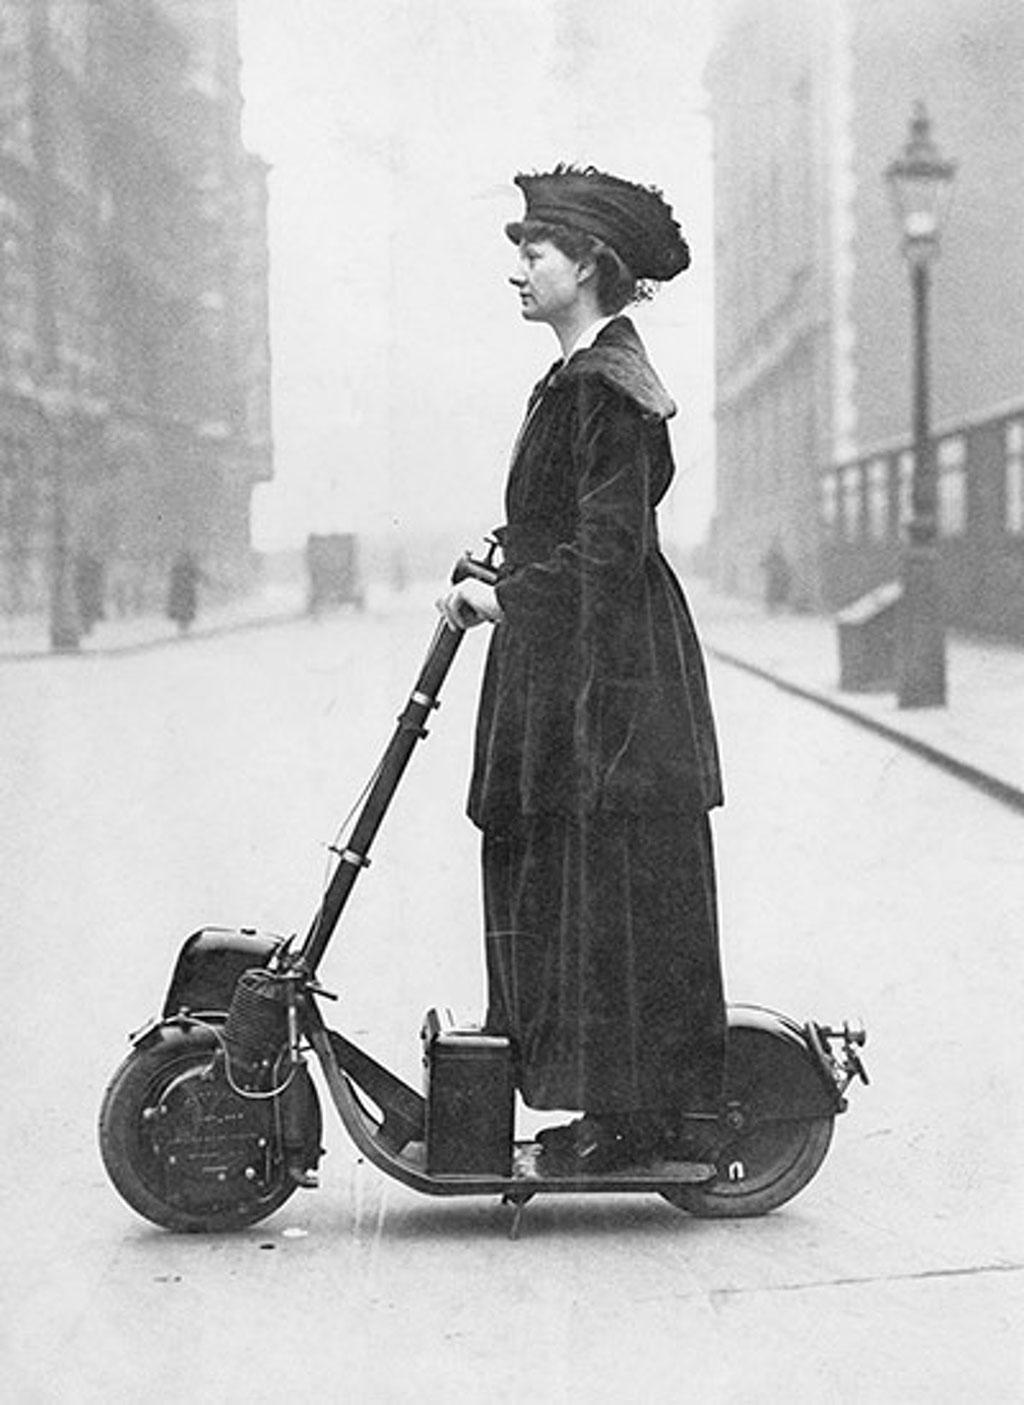 Một trong những chiếc xe Scooter gắn máy đầu tiên trên thế giới.